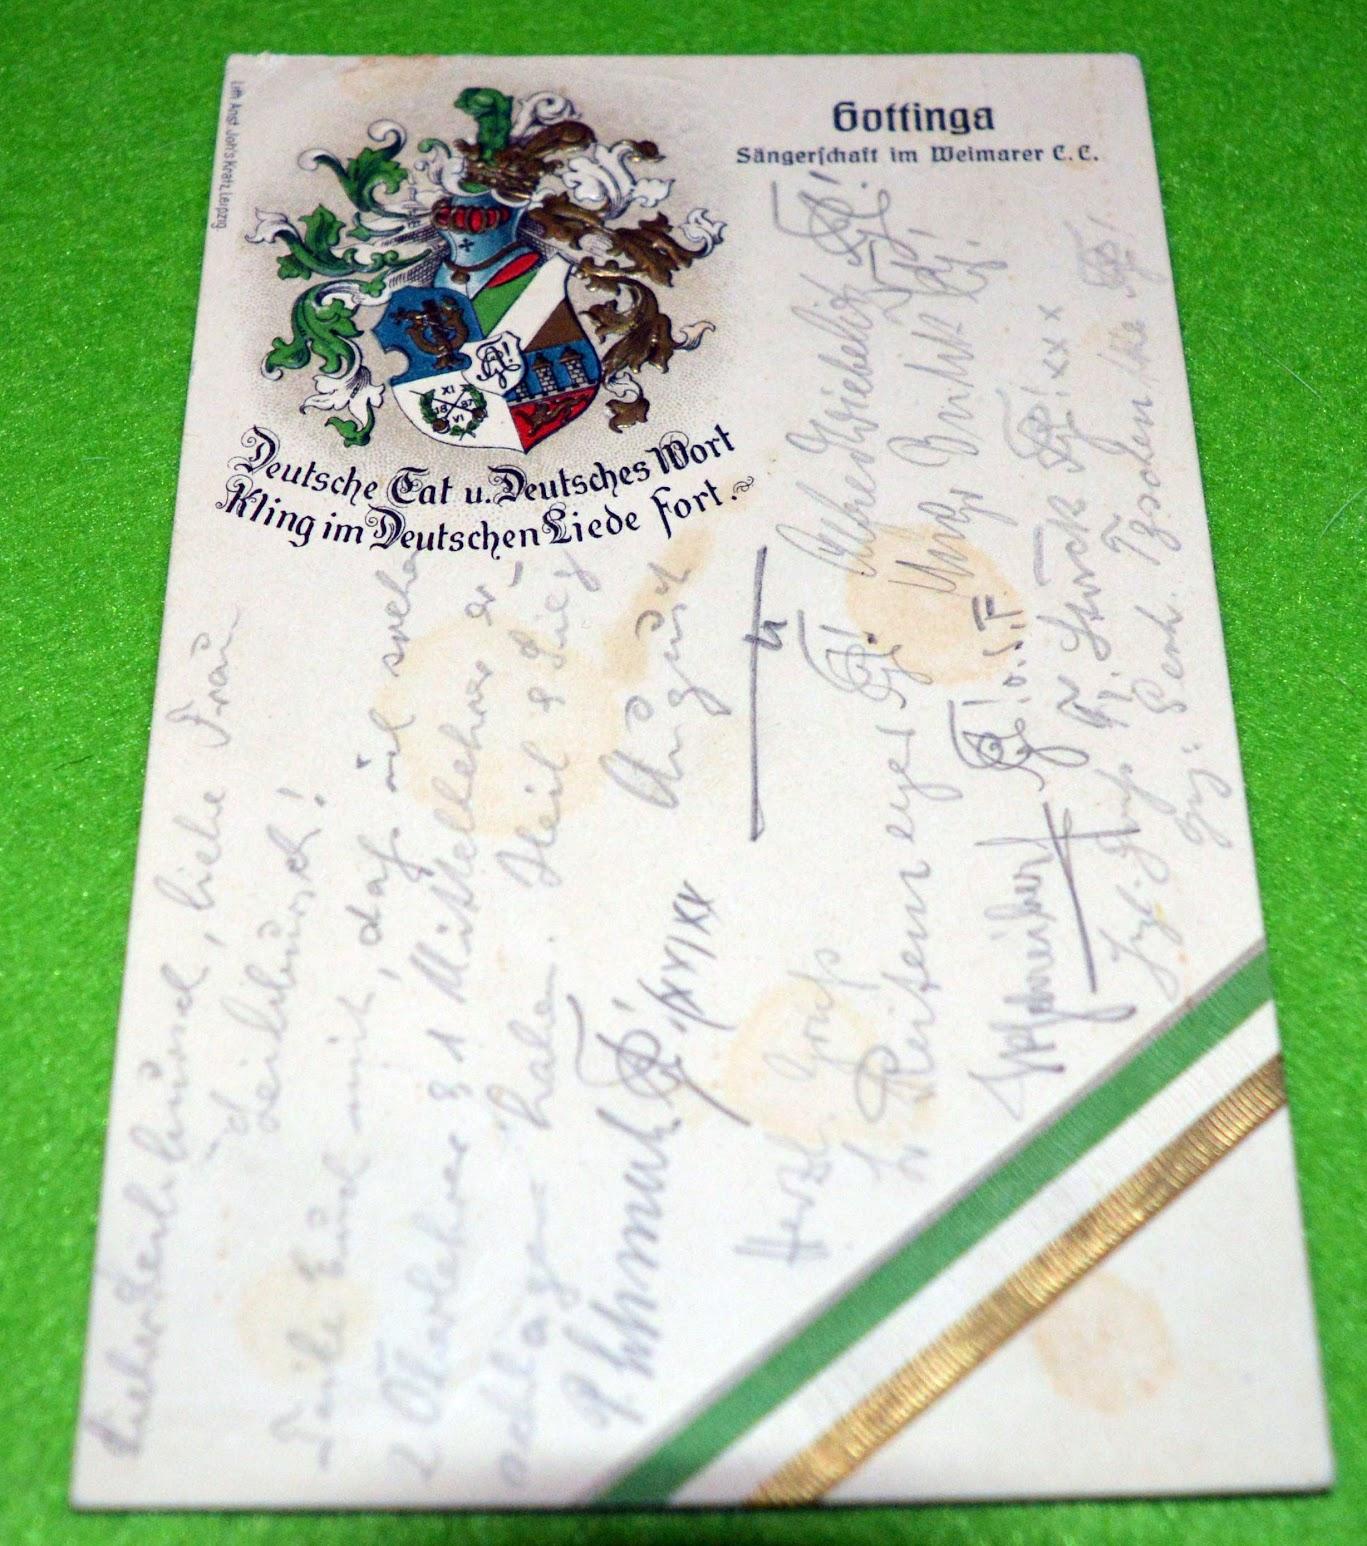 Studentenverbindung Gottinga (Göttingen) - Grußkarte